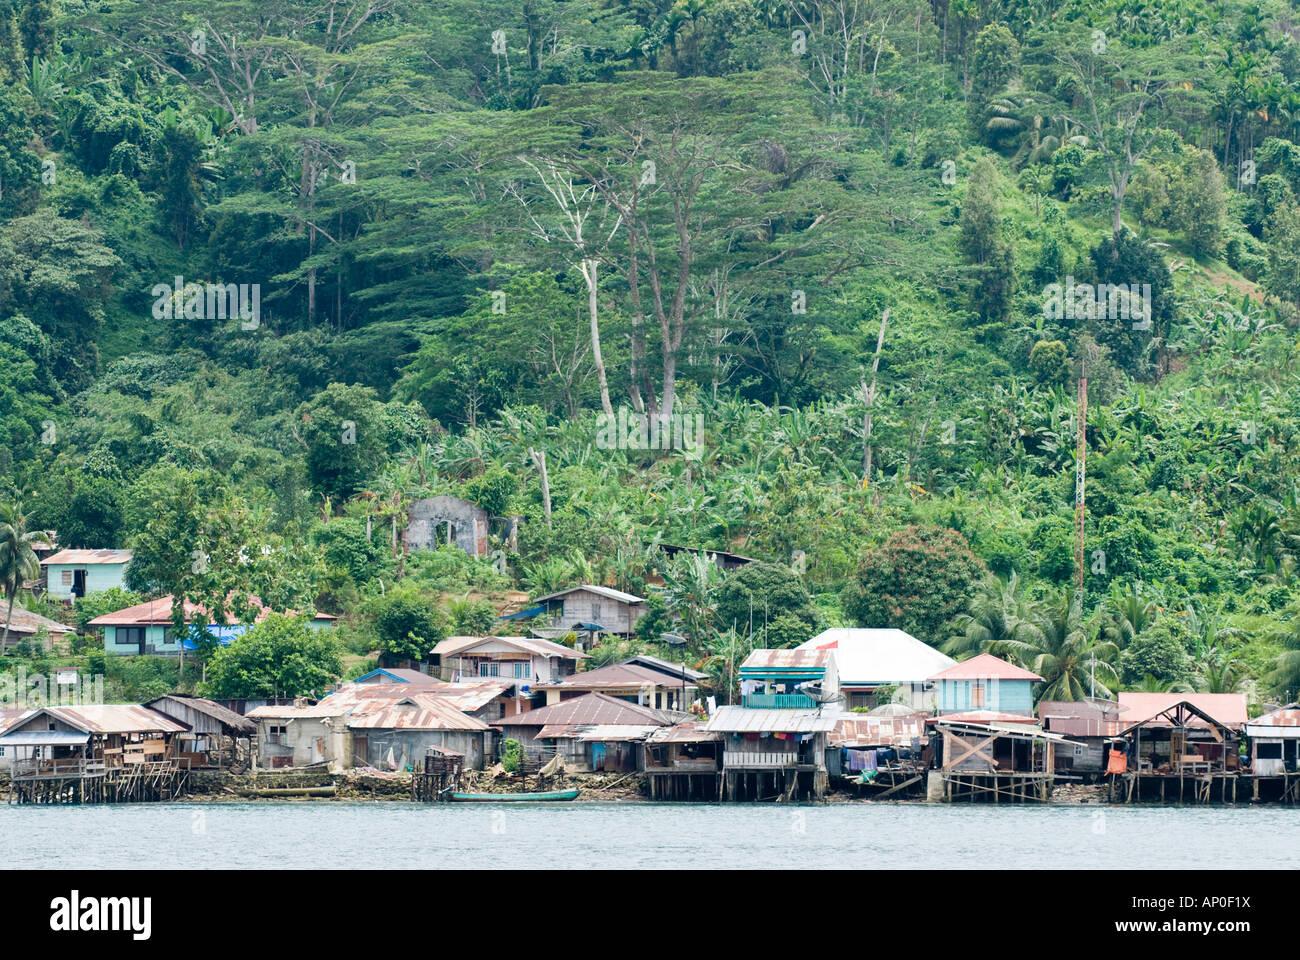 Sikakap Mentawai Islands Indonesia - Stock Image